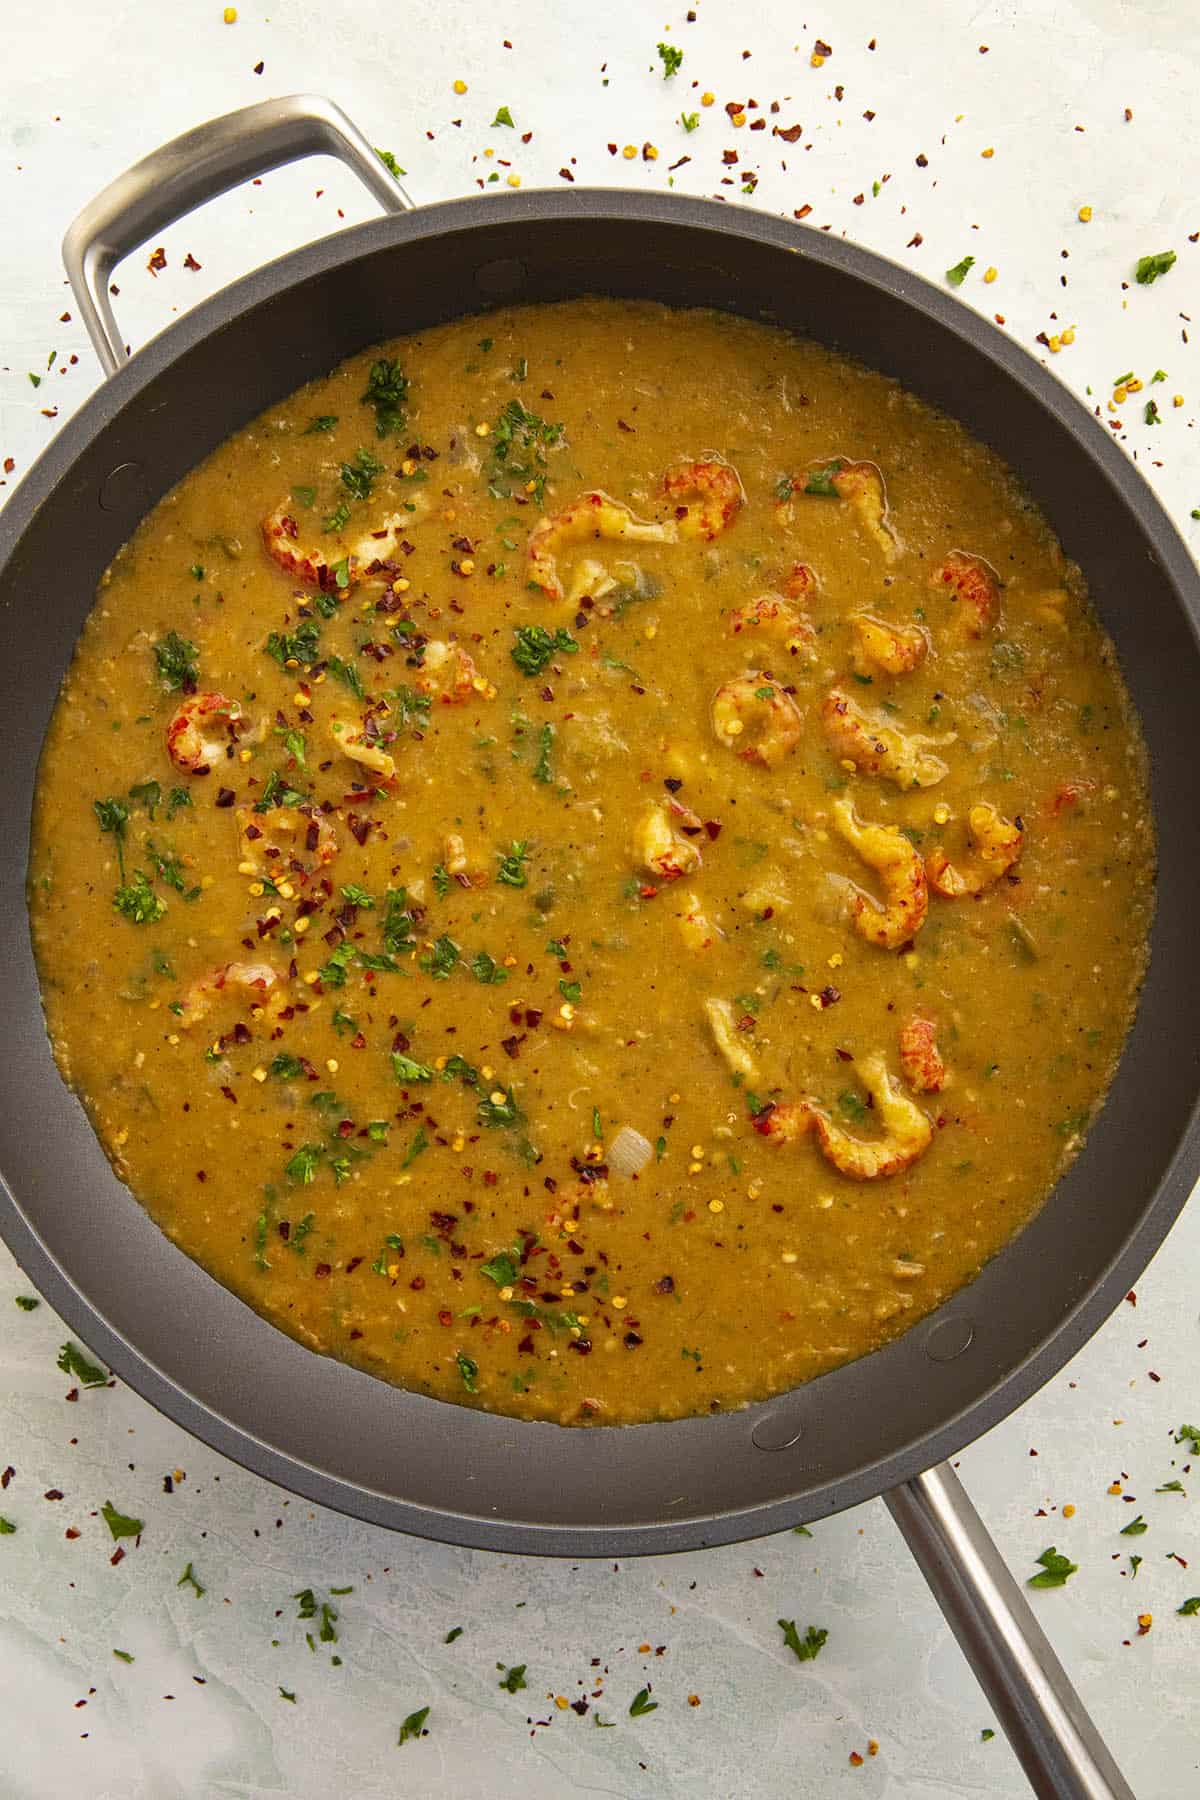 Crawfish Etouffee in a pan